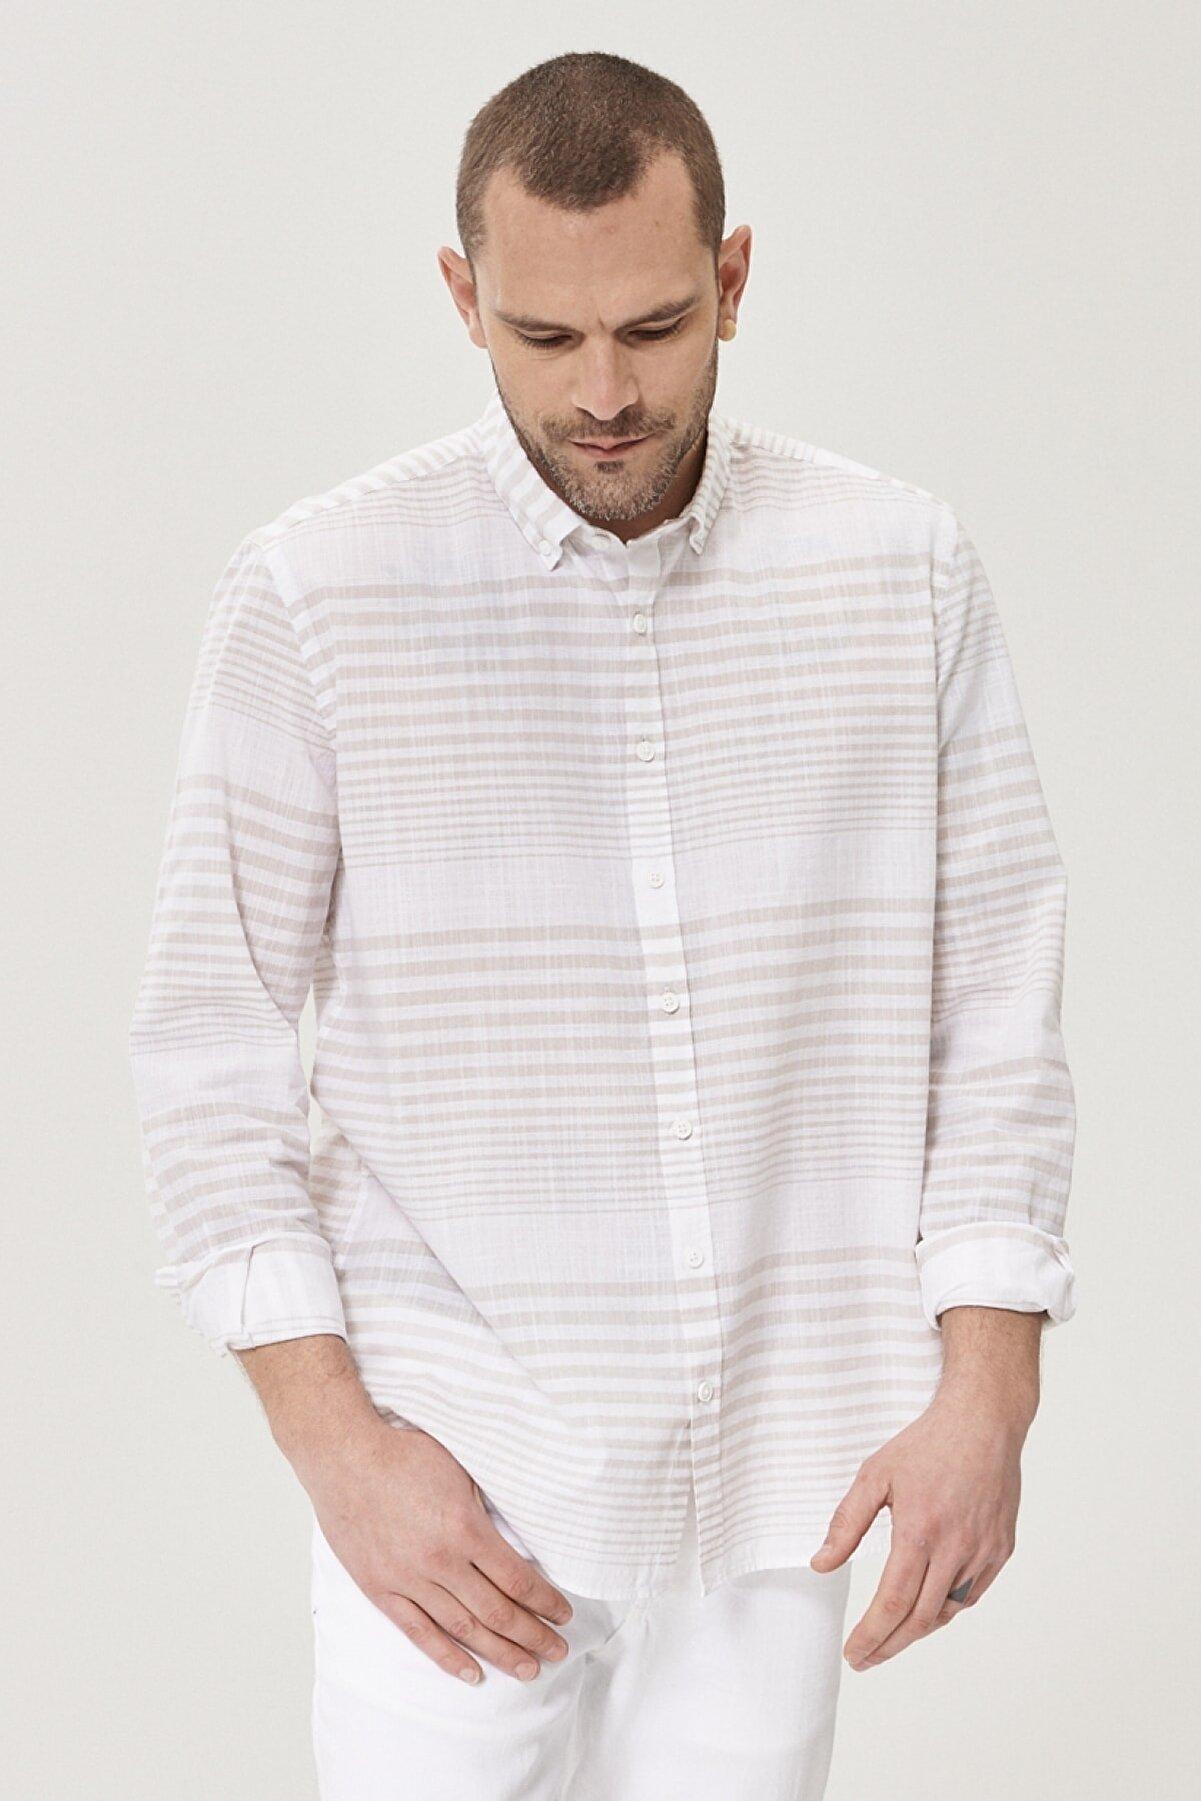 Altınyıldız Classics Erkek Beyaz-Bej Tailored Slim Fit Düğmeli Yaka %100 Koton Çizgili Gömlek